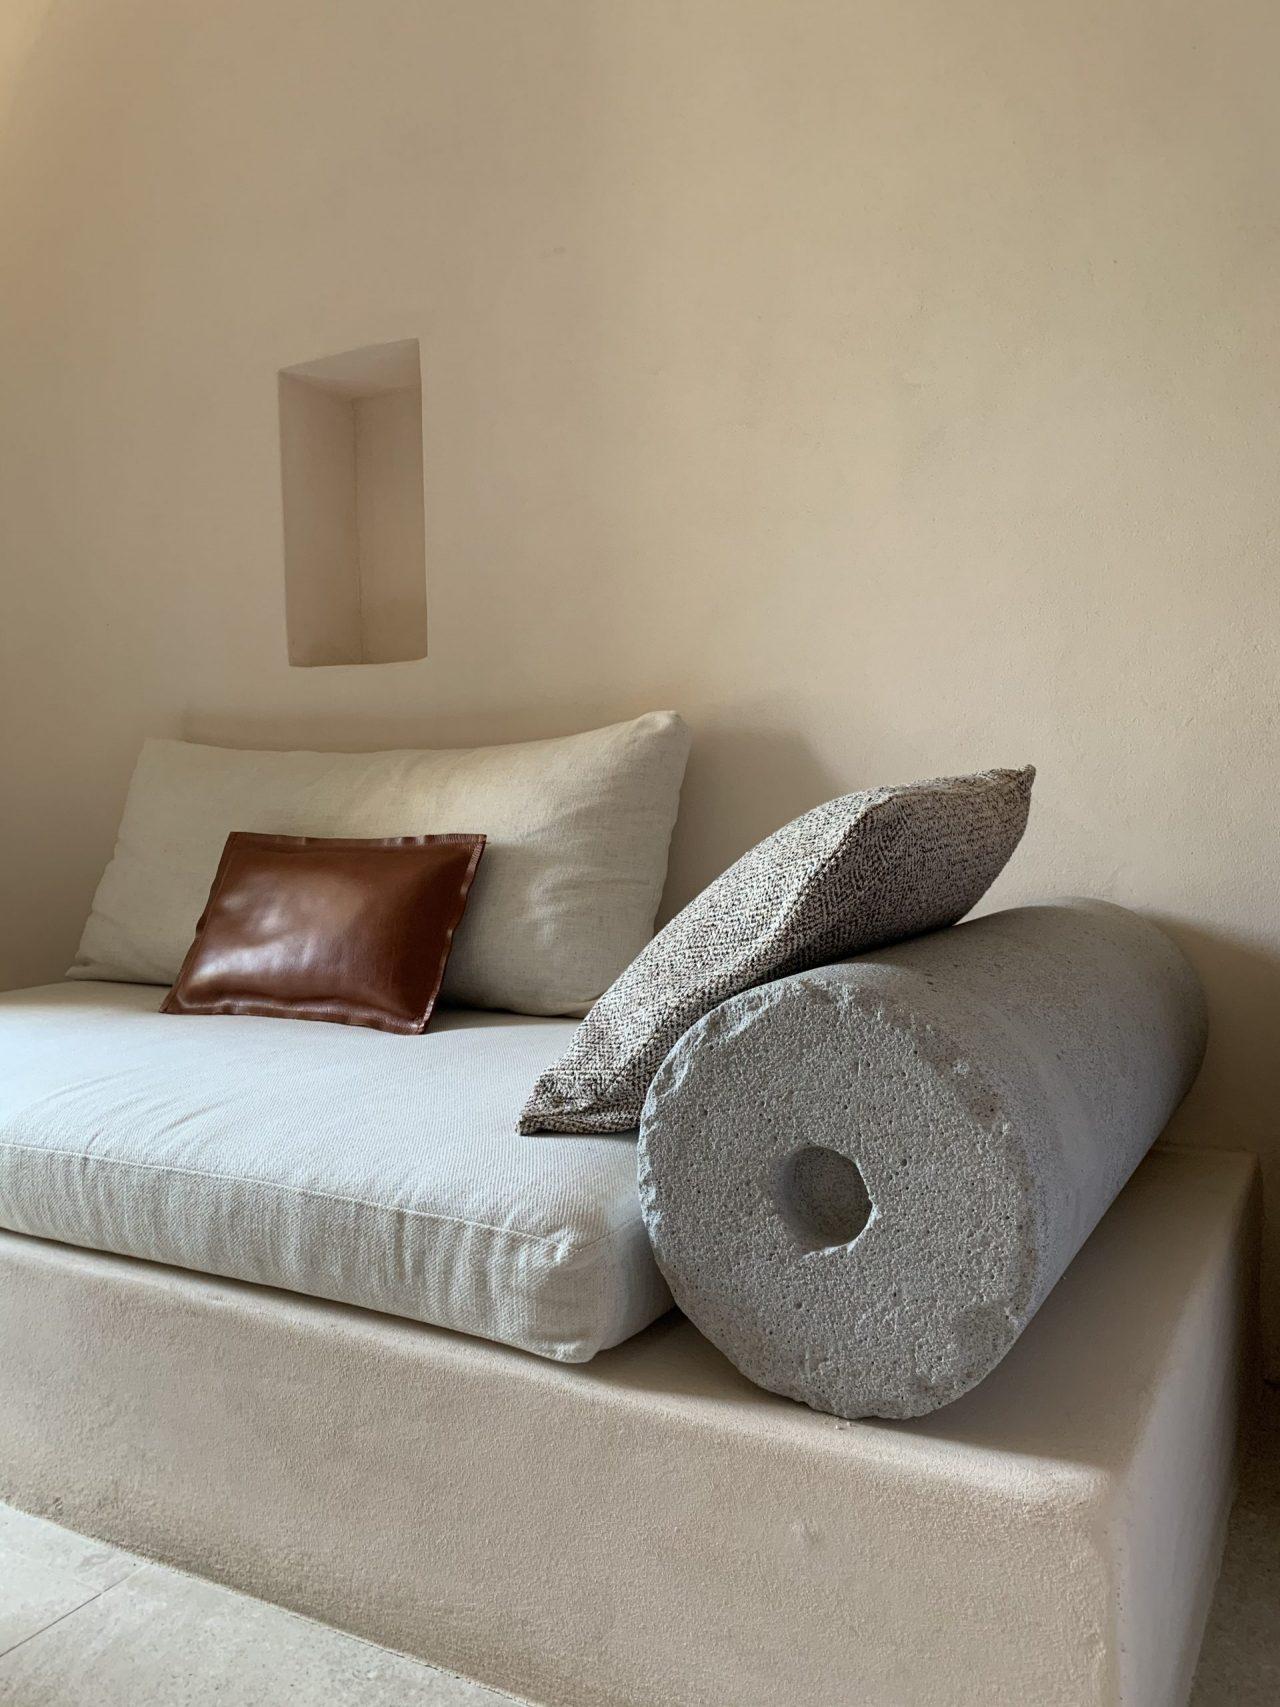 divano in cemento e cuscini in tessuto e cuoio